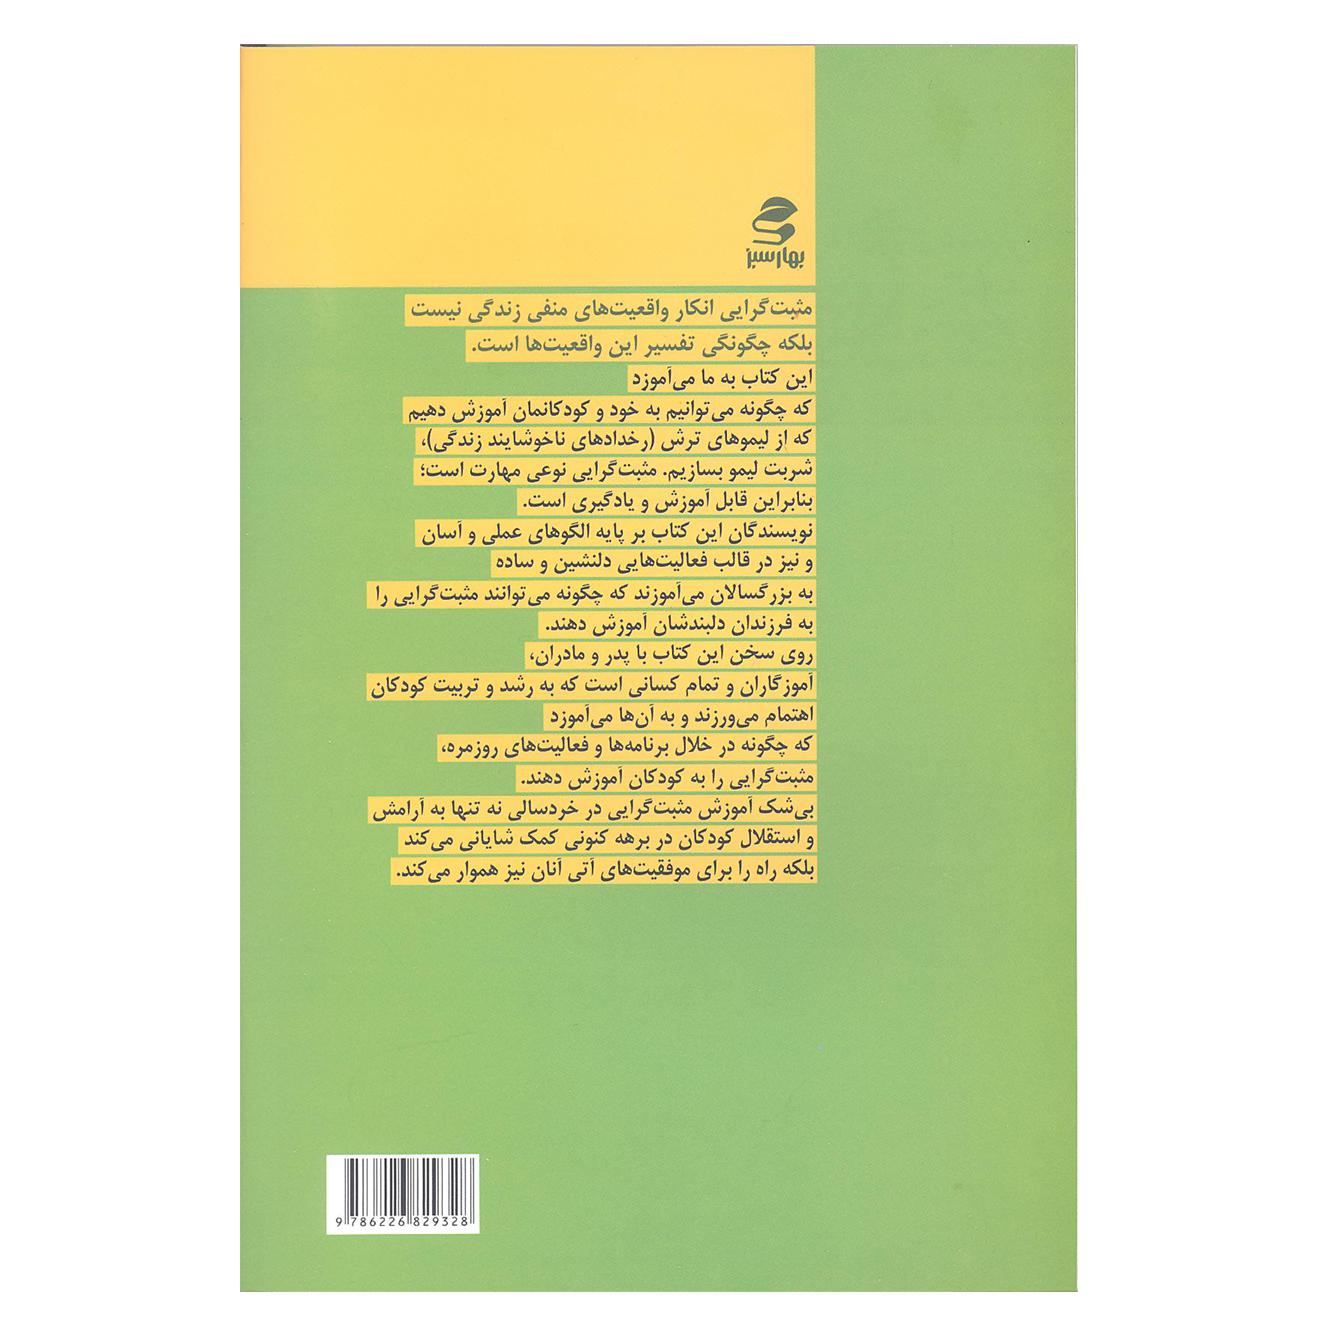 کتاب شربت لیمو دنیای آشفته کودک مثبت گرا اثر لوراجی کولکر و دری کورالک انتشارات بهار سبز